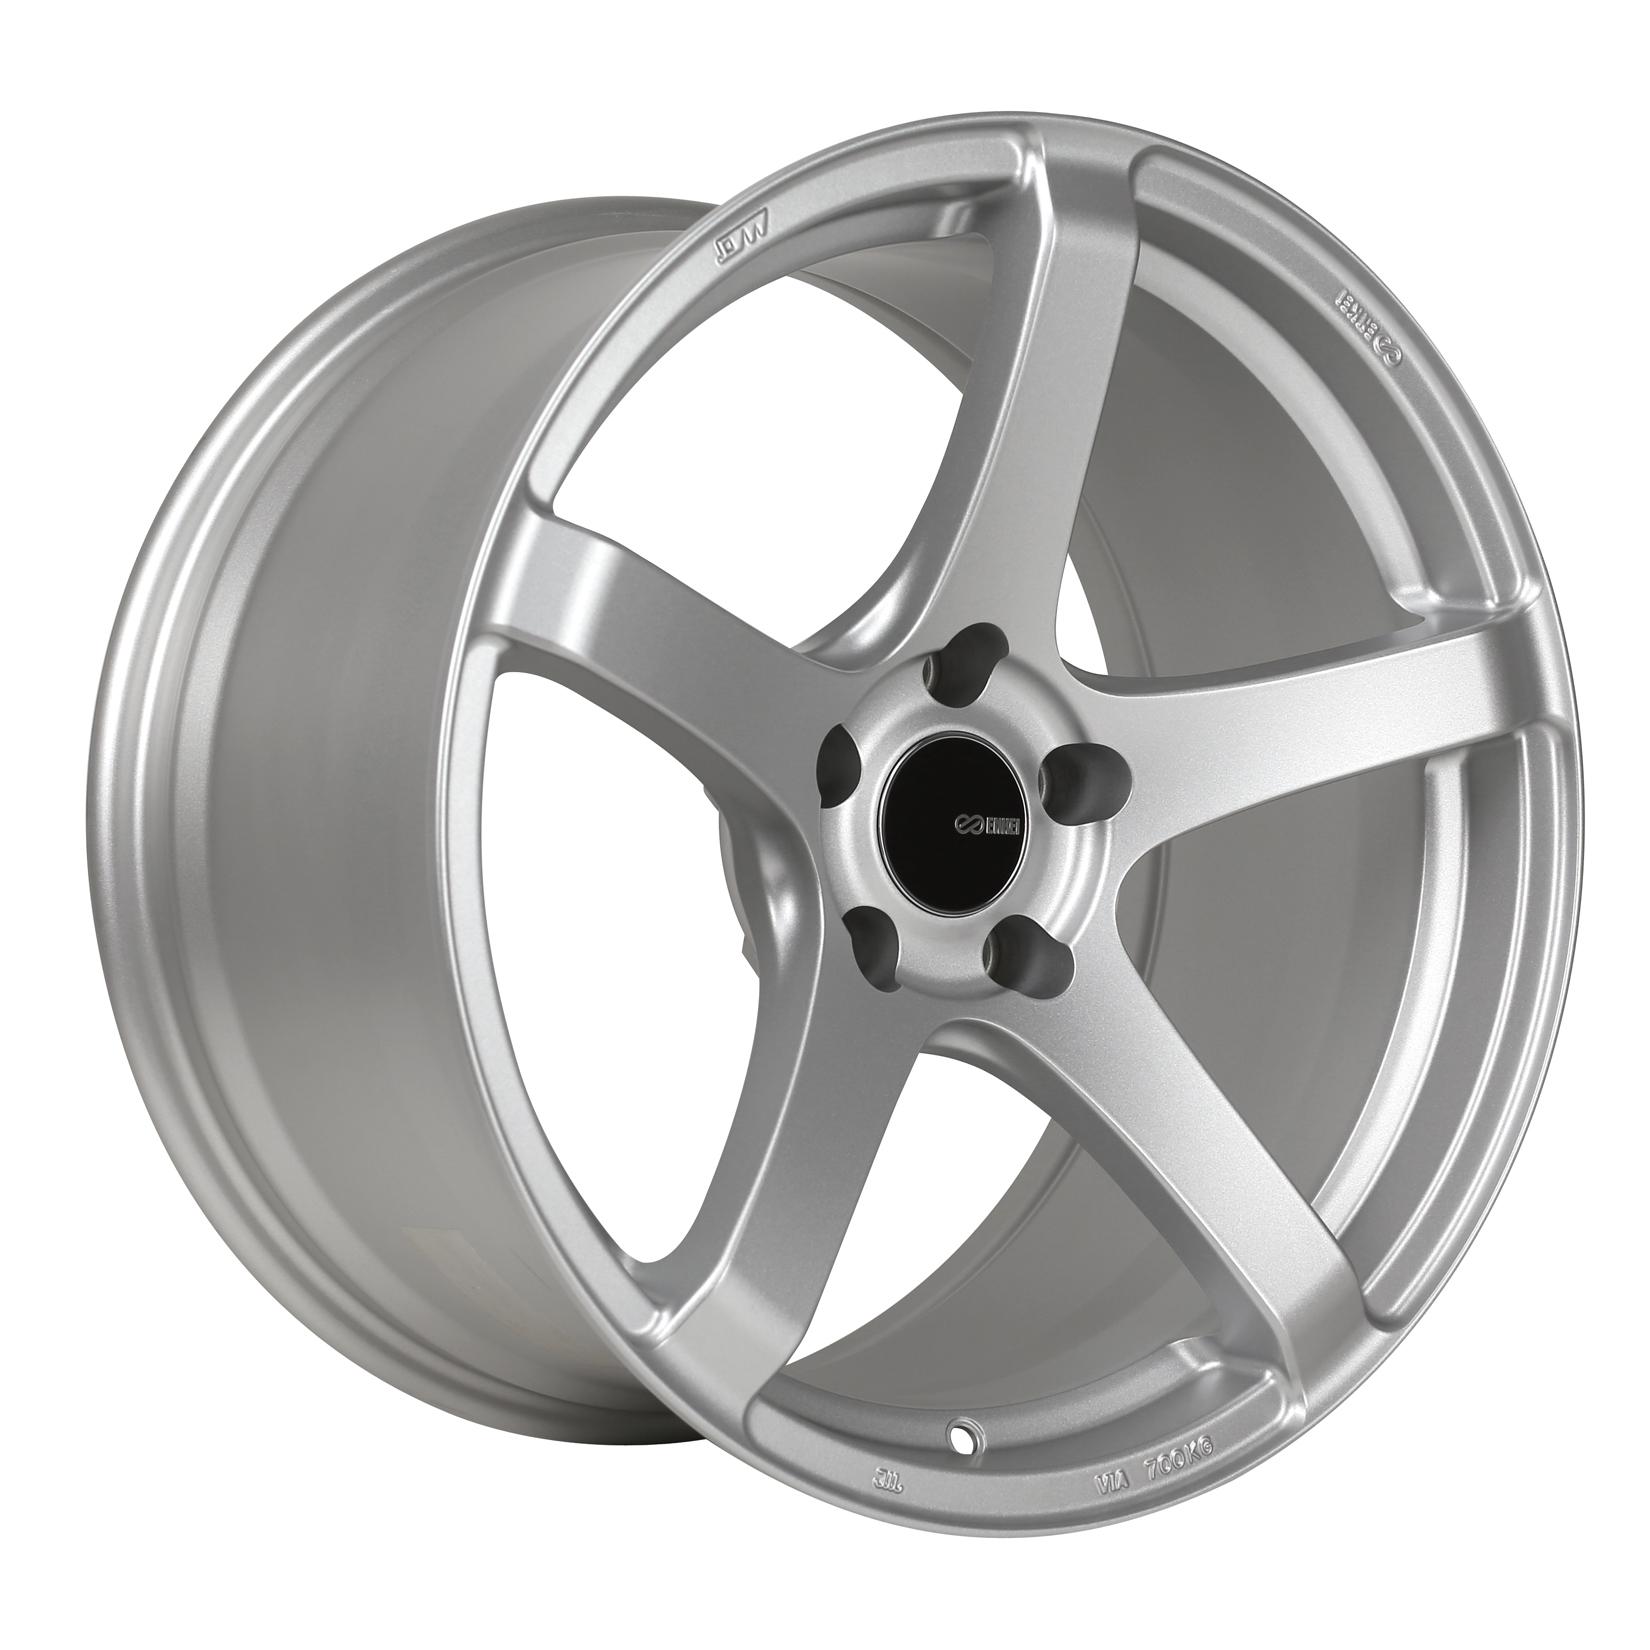 """Enkei Kojin Tuning Series Wheel Set 18"""" ENK KOJIN 18x wheels rims"""